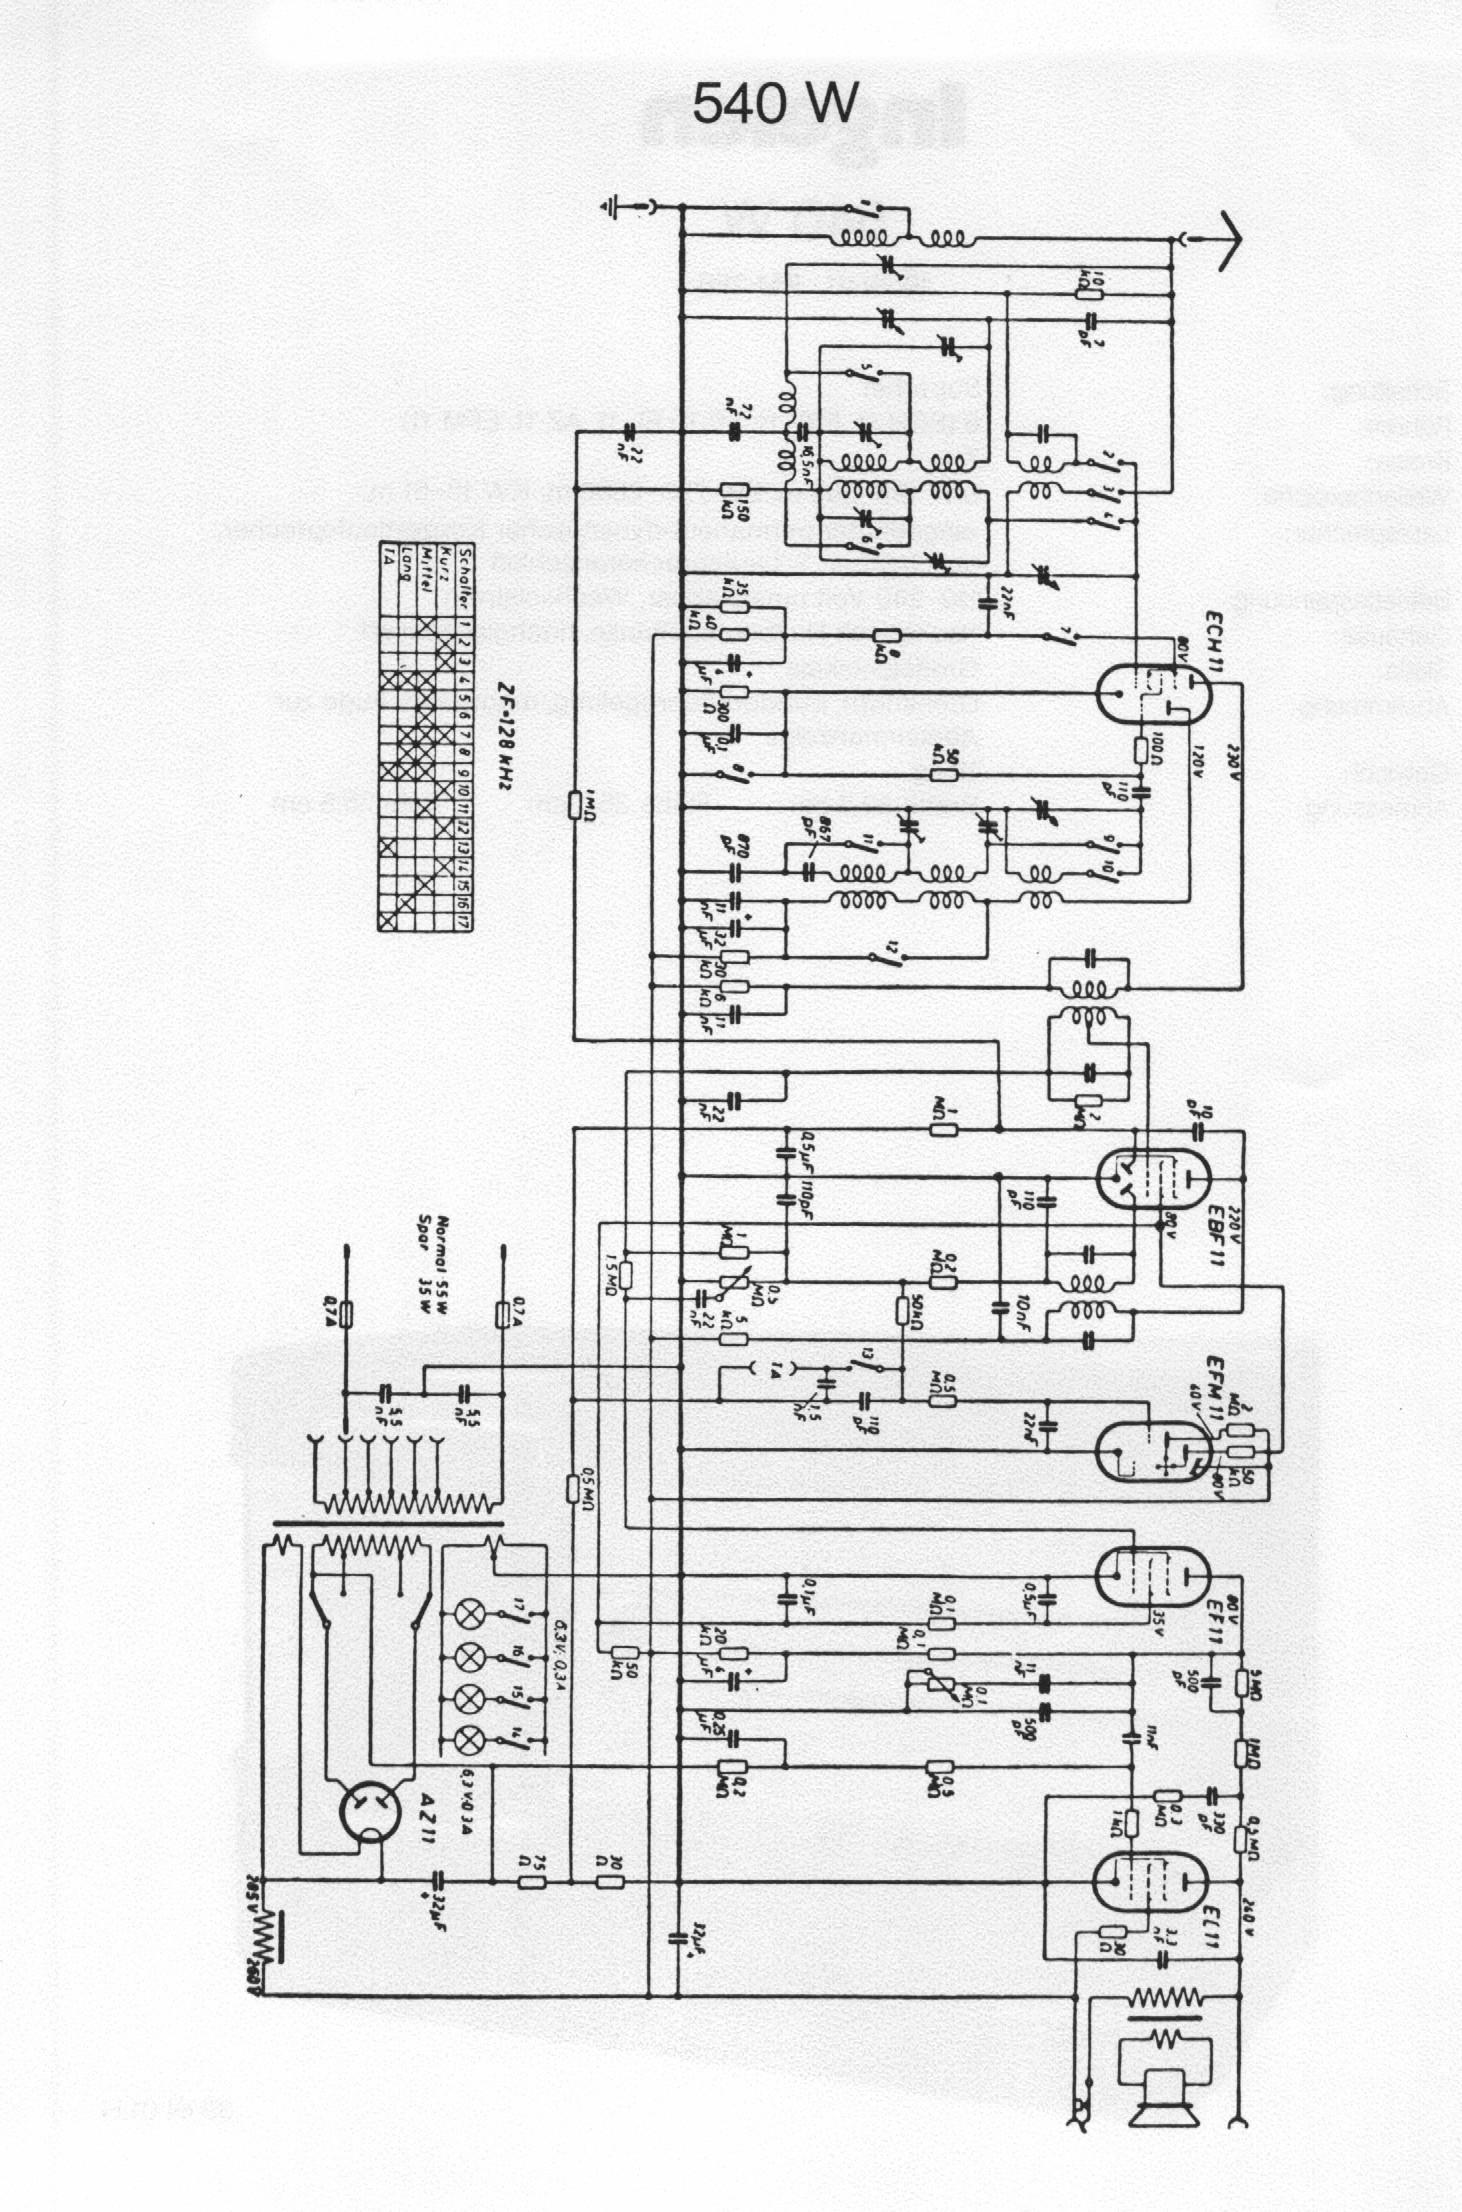 Großzügig Dreifach Lichtschalter Schaltplan Galerie - Schaltplan ...